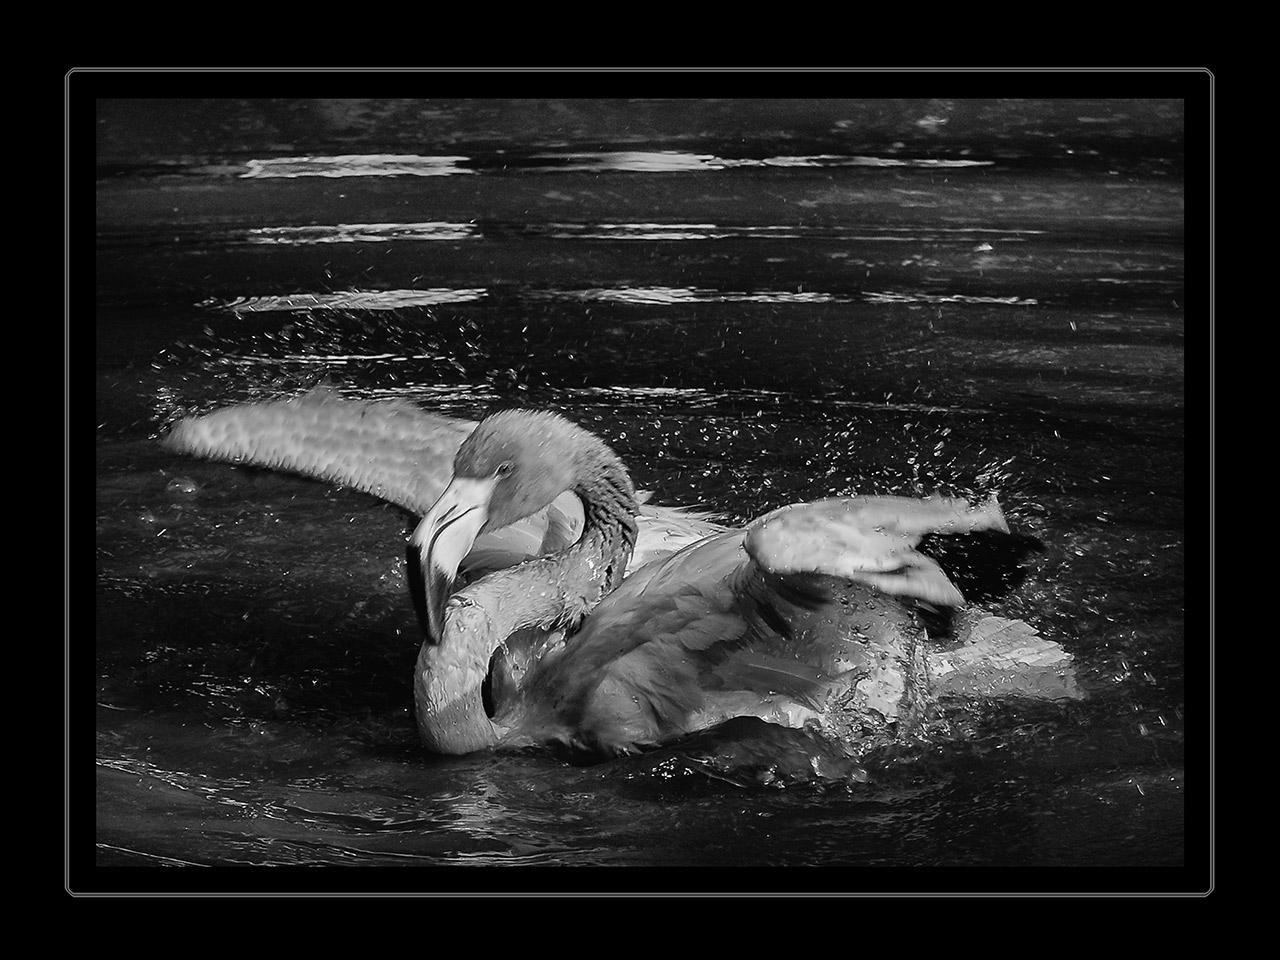 Abendliches Bad eines Flamingos